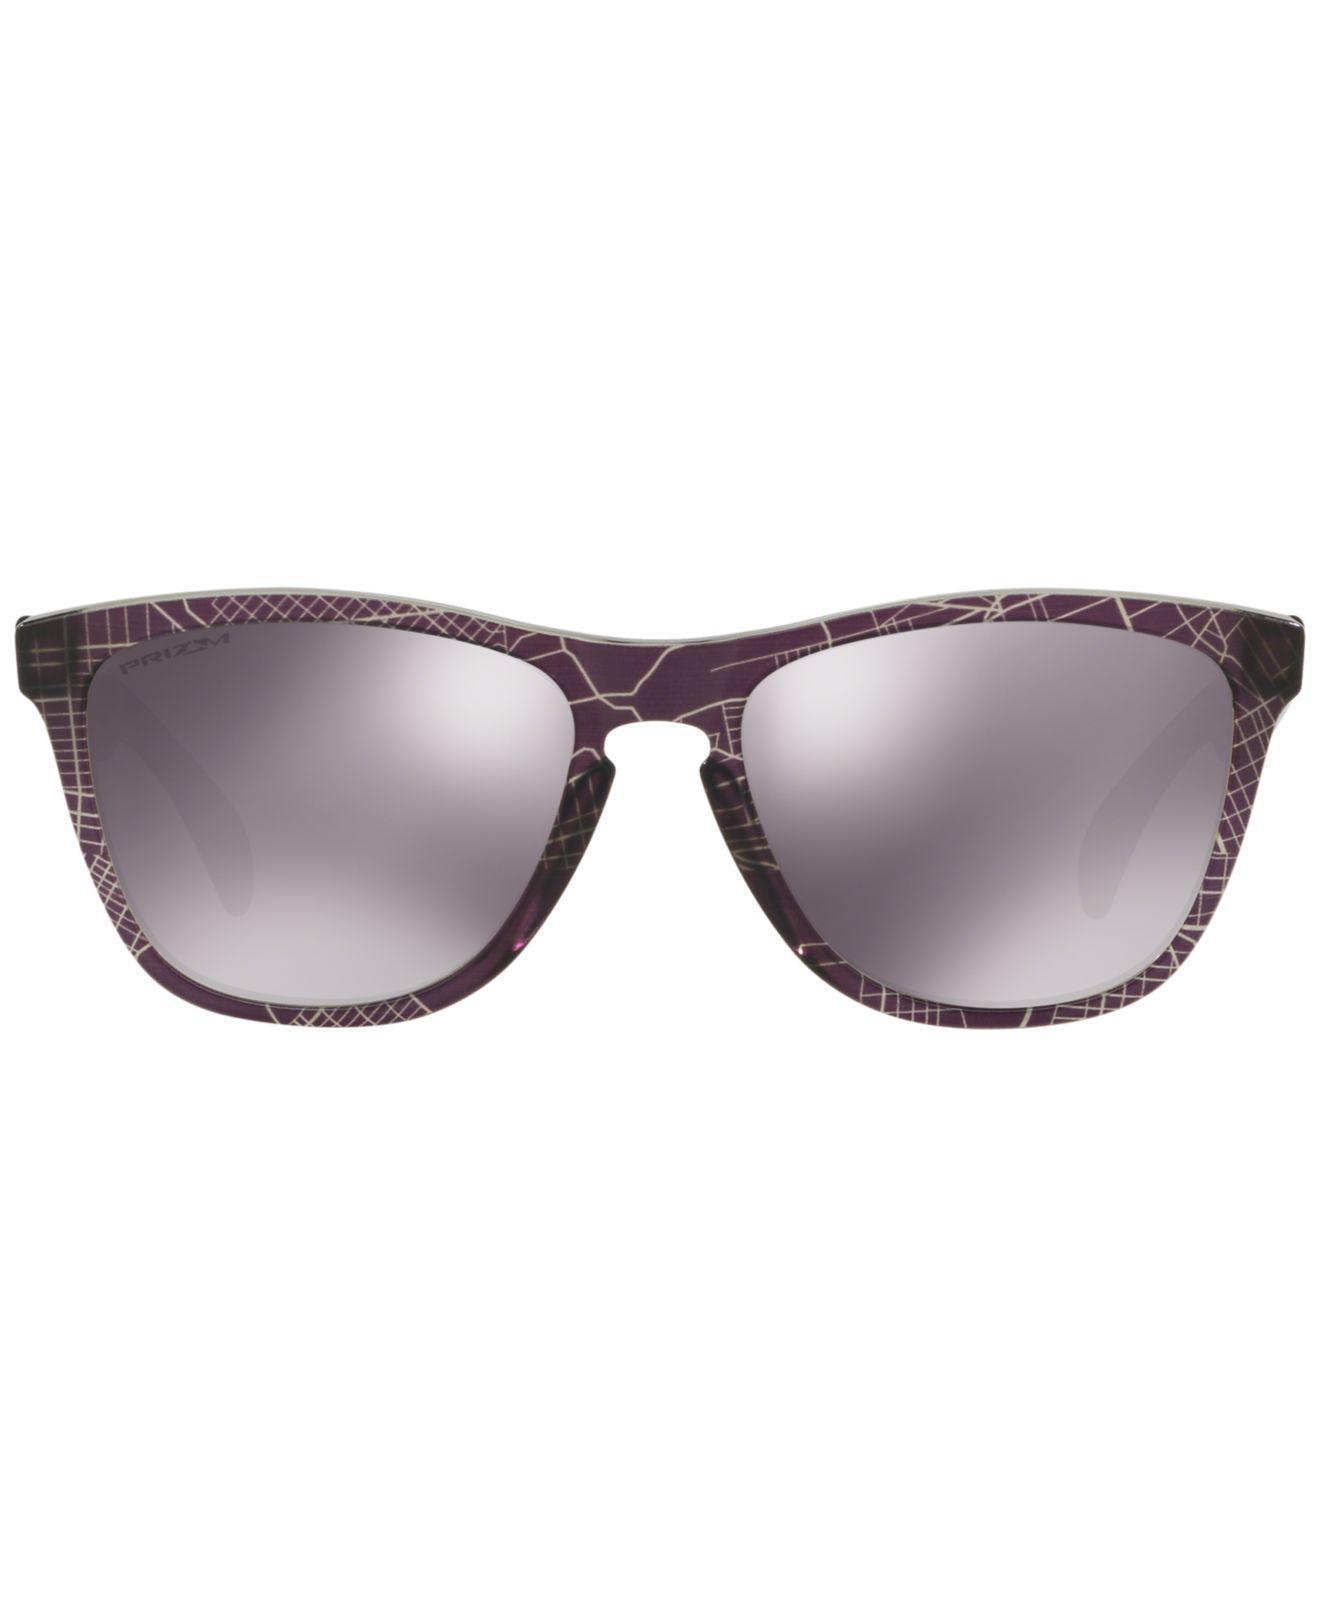 ec675de83ab netherlands lyst oakley frogskin sunglasses oo9013 in black 187ad 57427